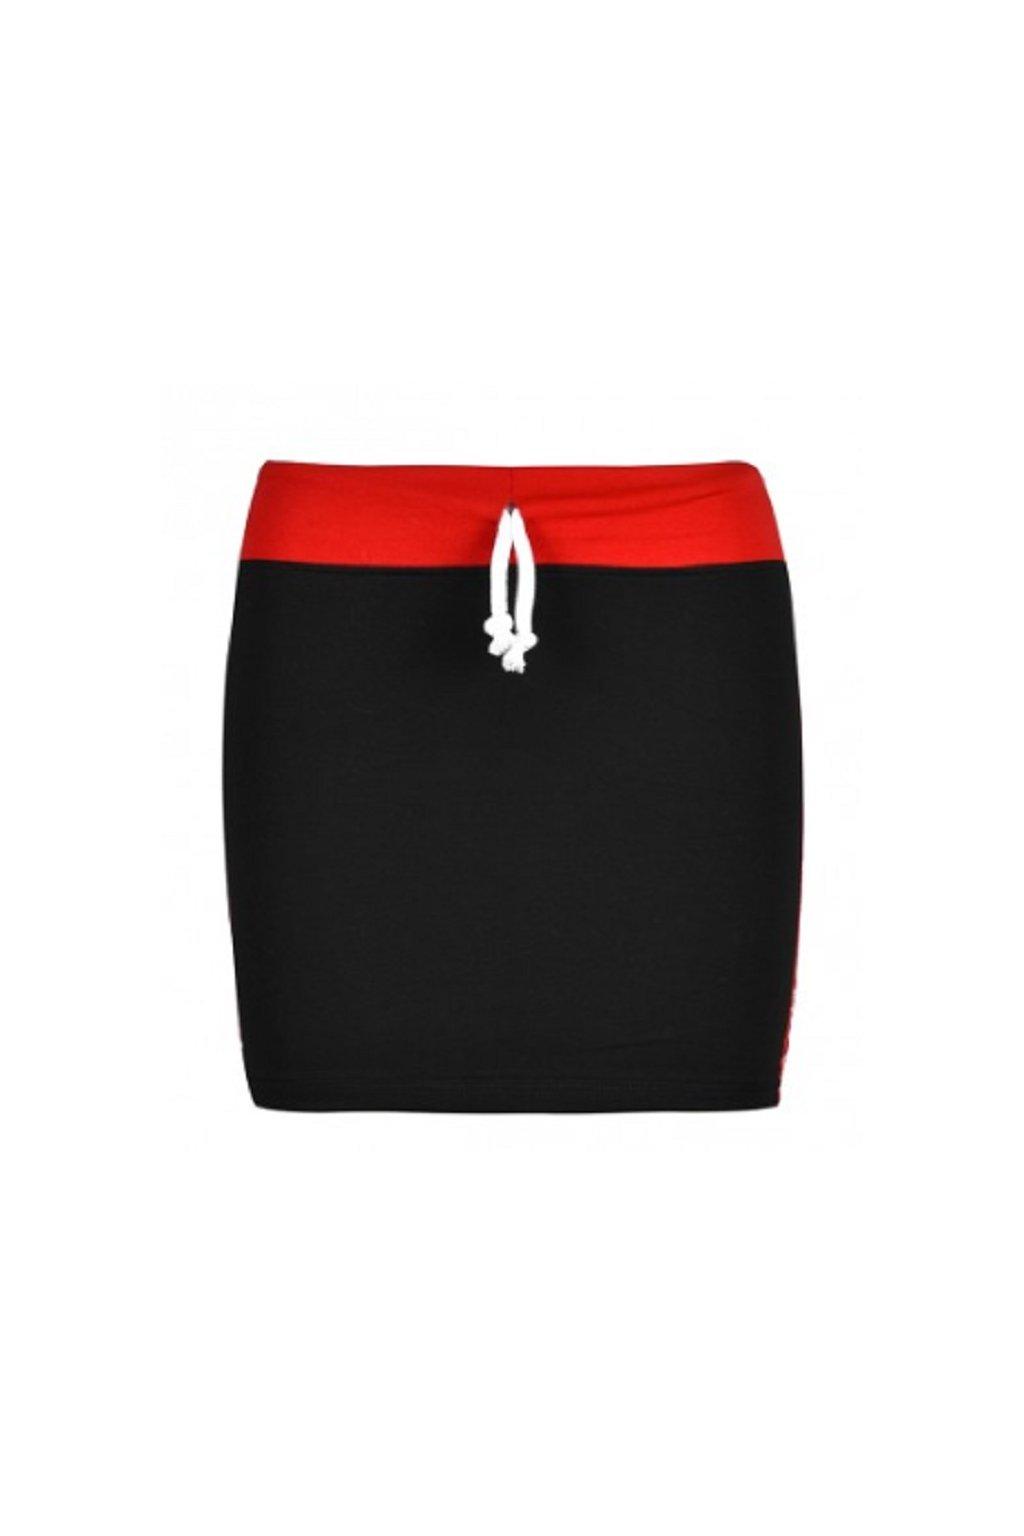 Double Red dámská sukně Eminence RedSkirt Black obr1